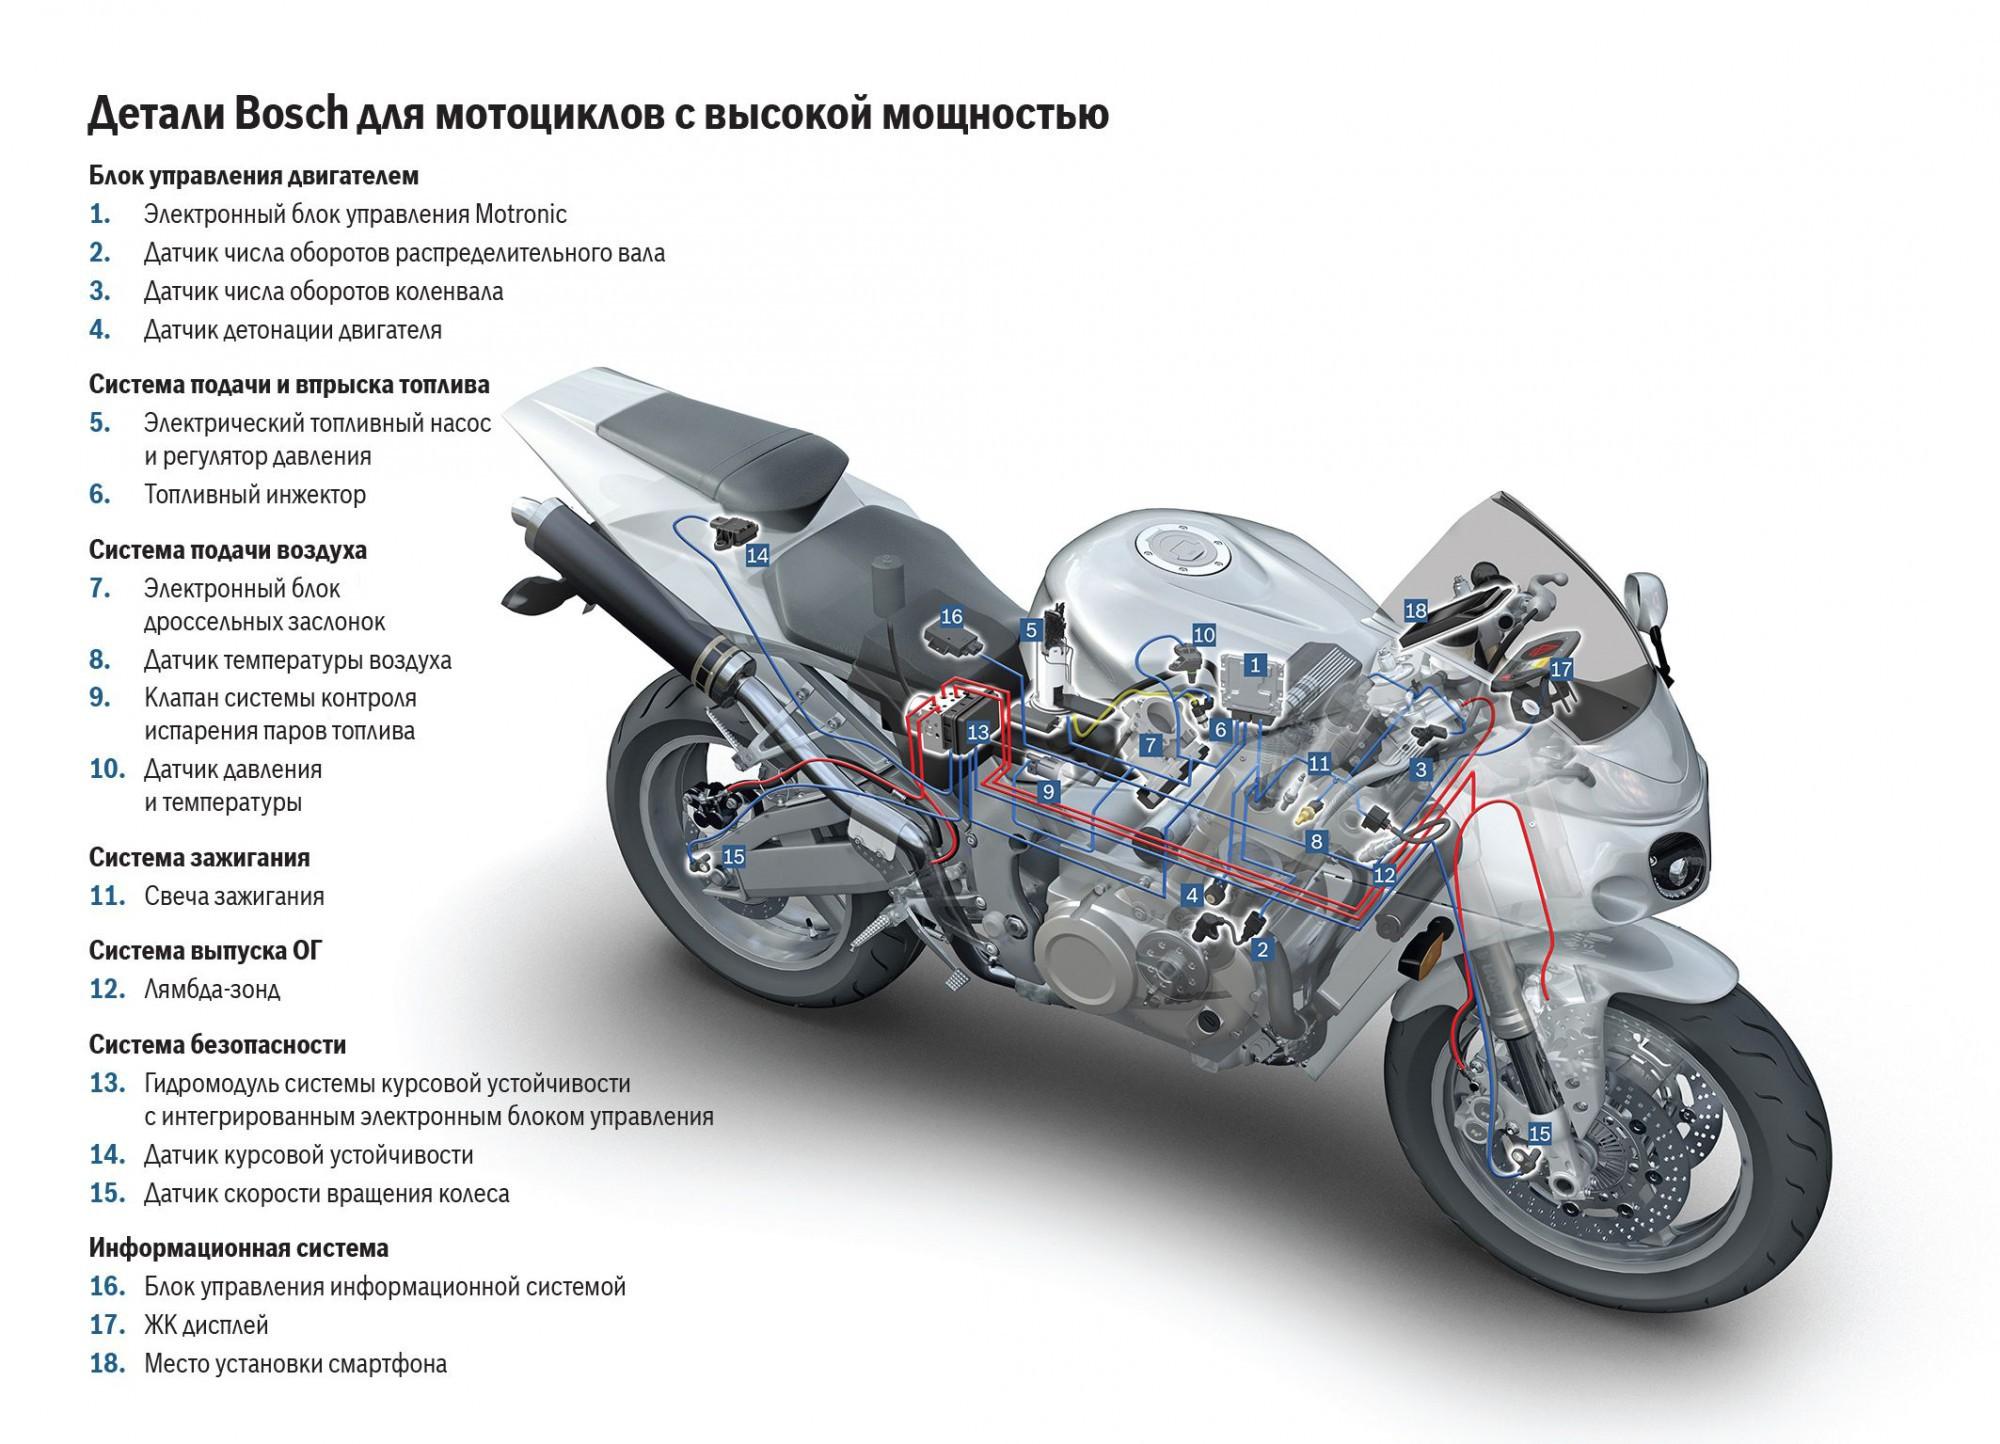 детали мотоцикла с картинками есть гараже любого